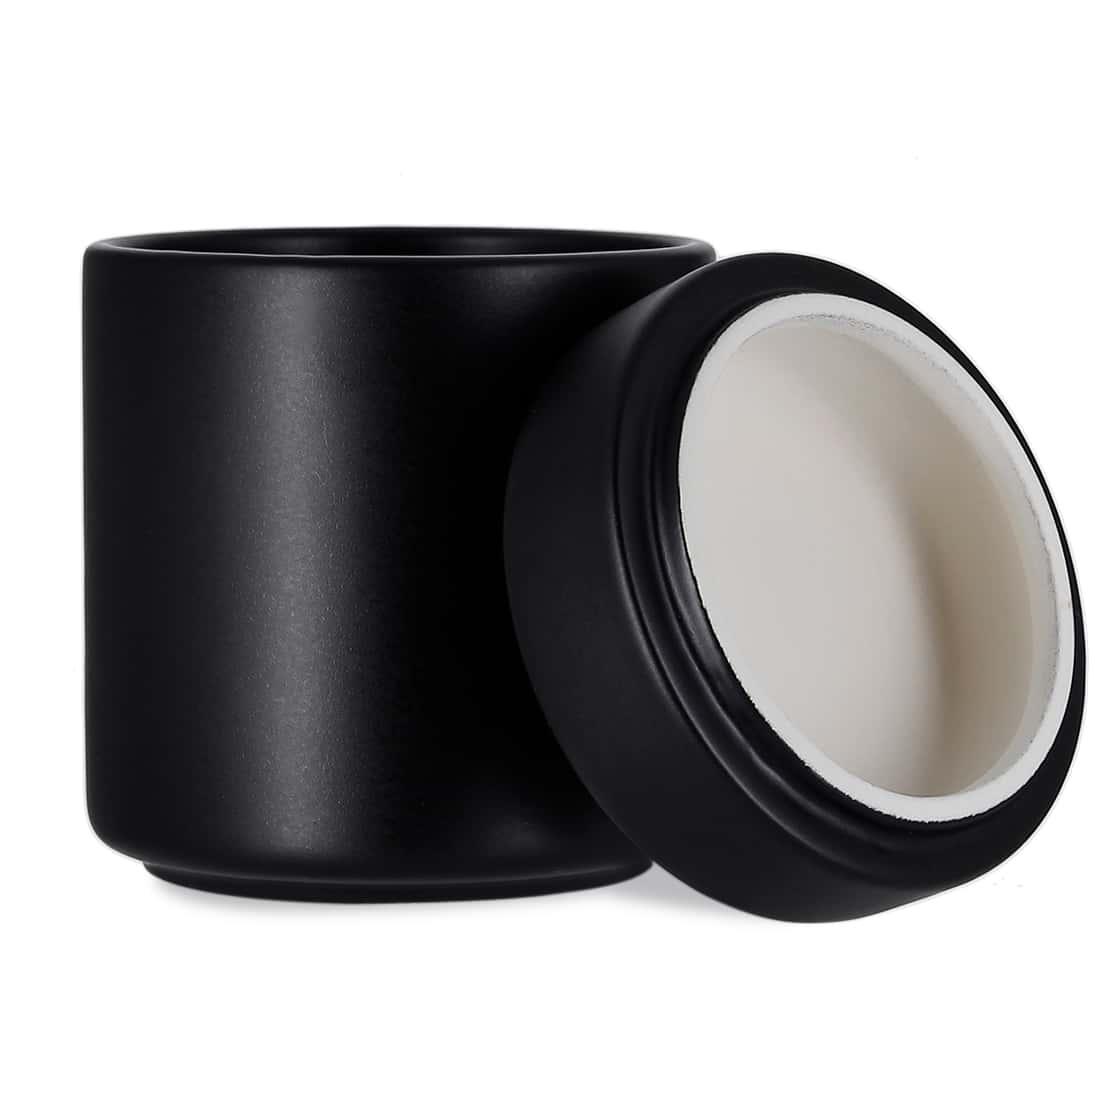 Photo #2 de Pot à tabac Céramique Noir et Humidificateur Crédo